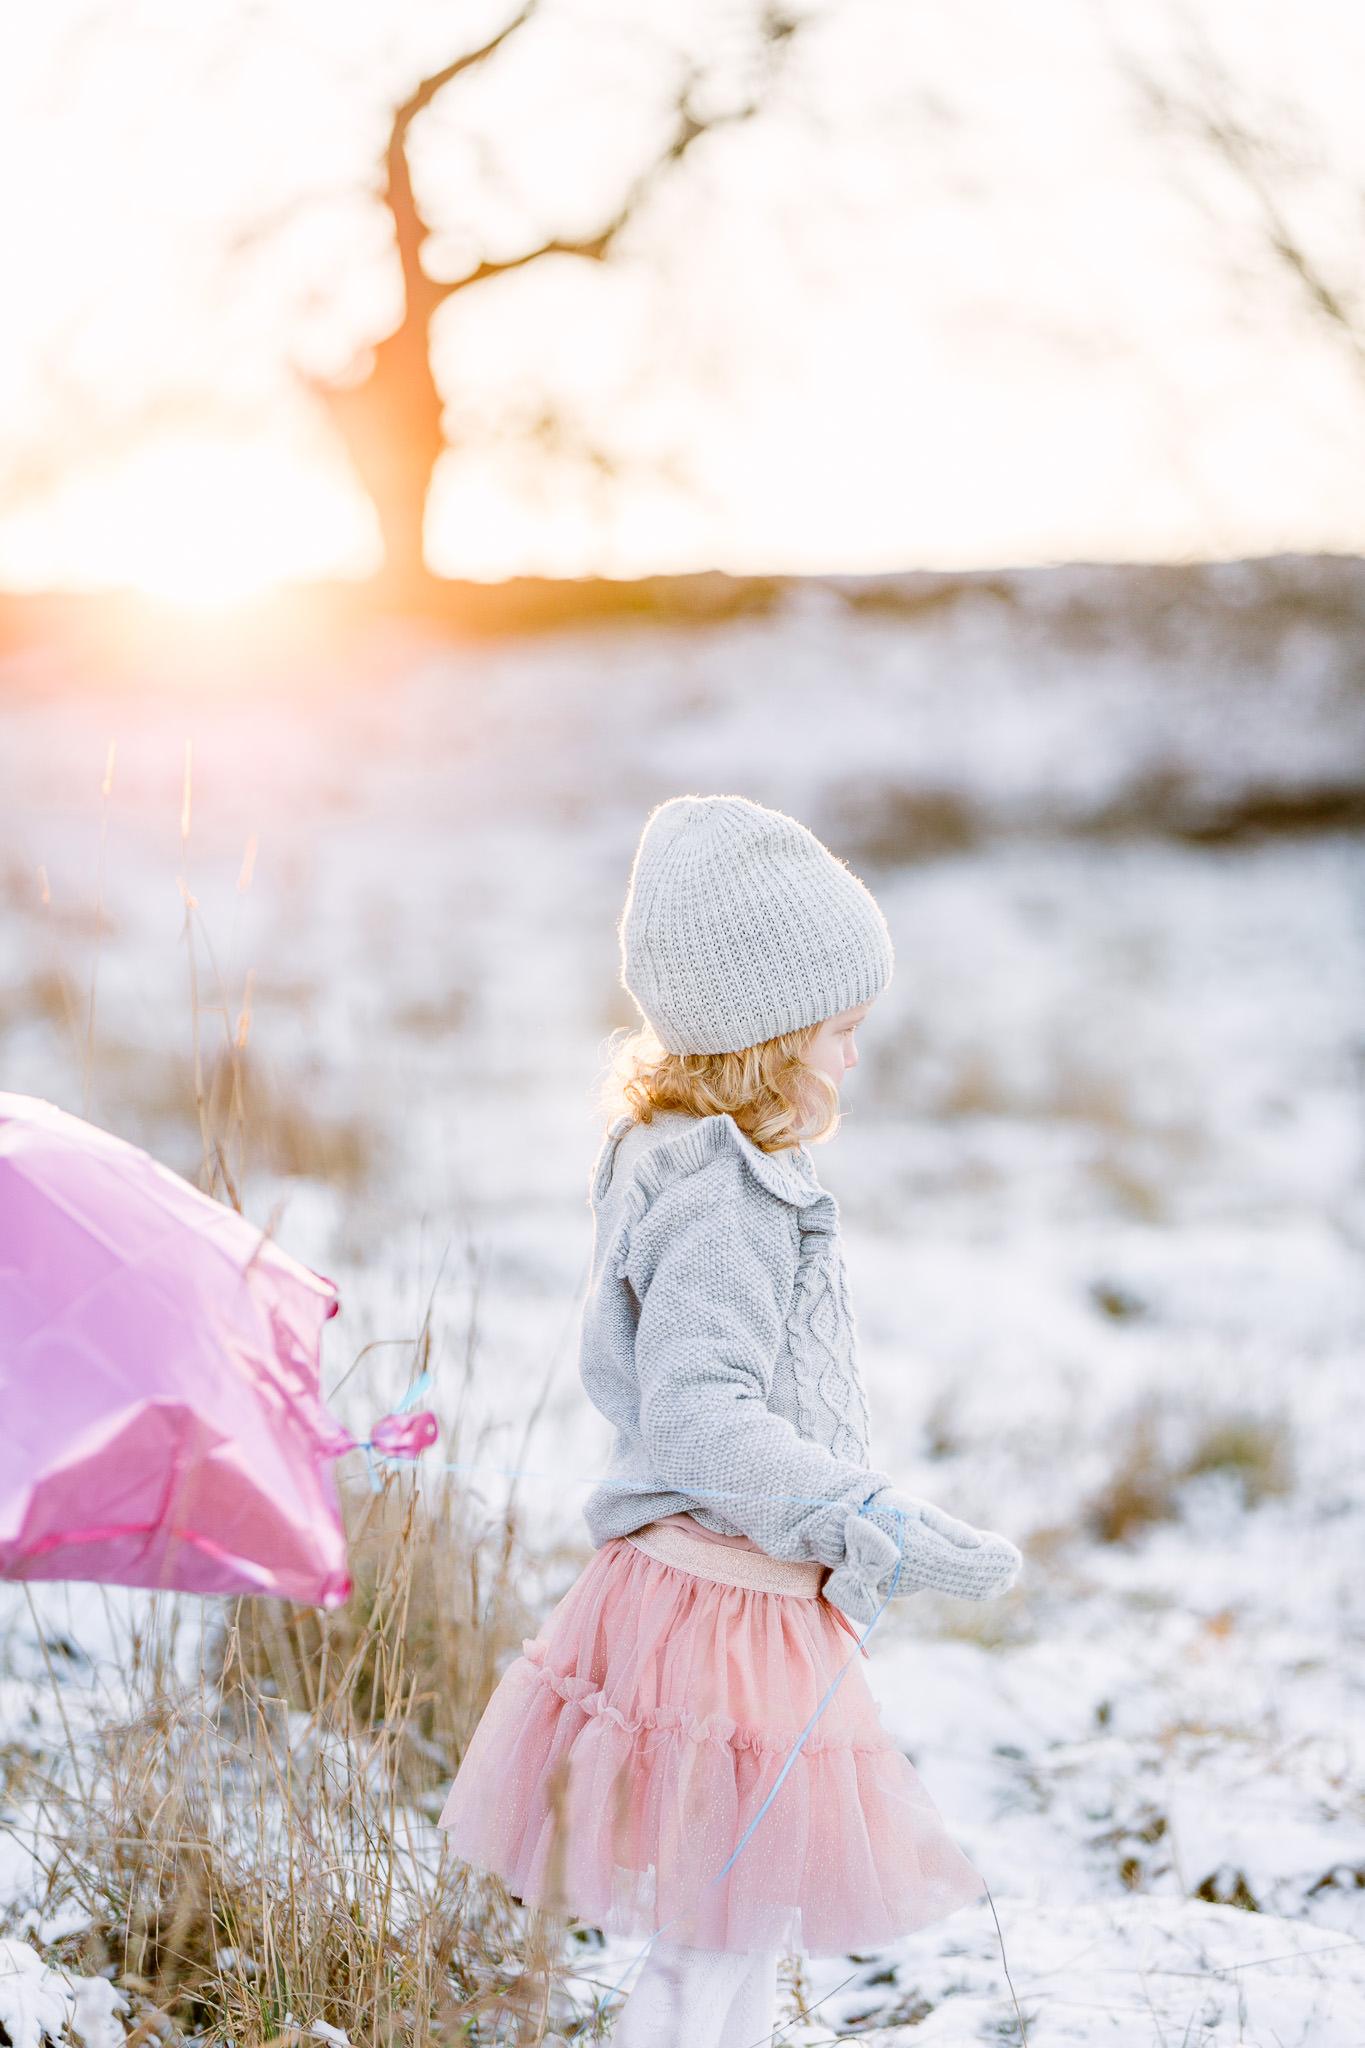 familjefotograf linköping nyköping familj barnfotograf utomhus vinter ballong